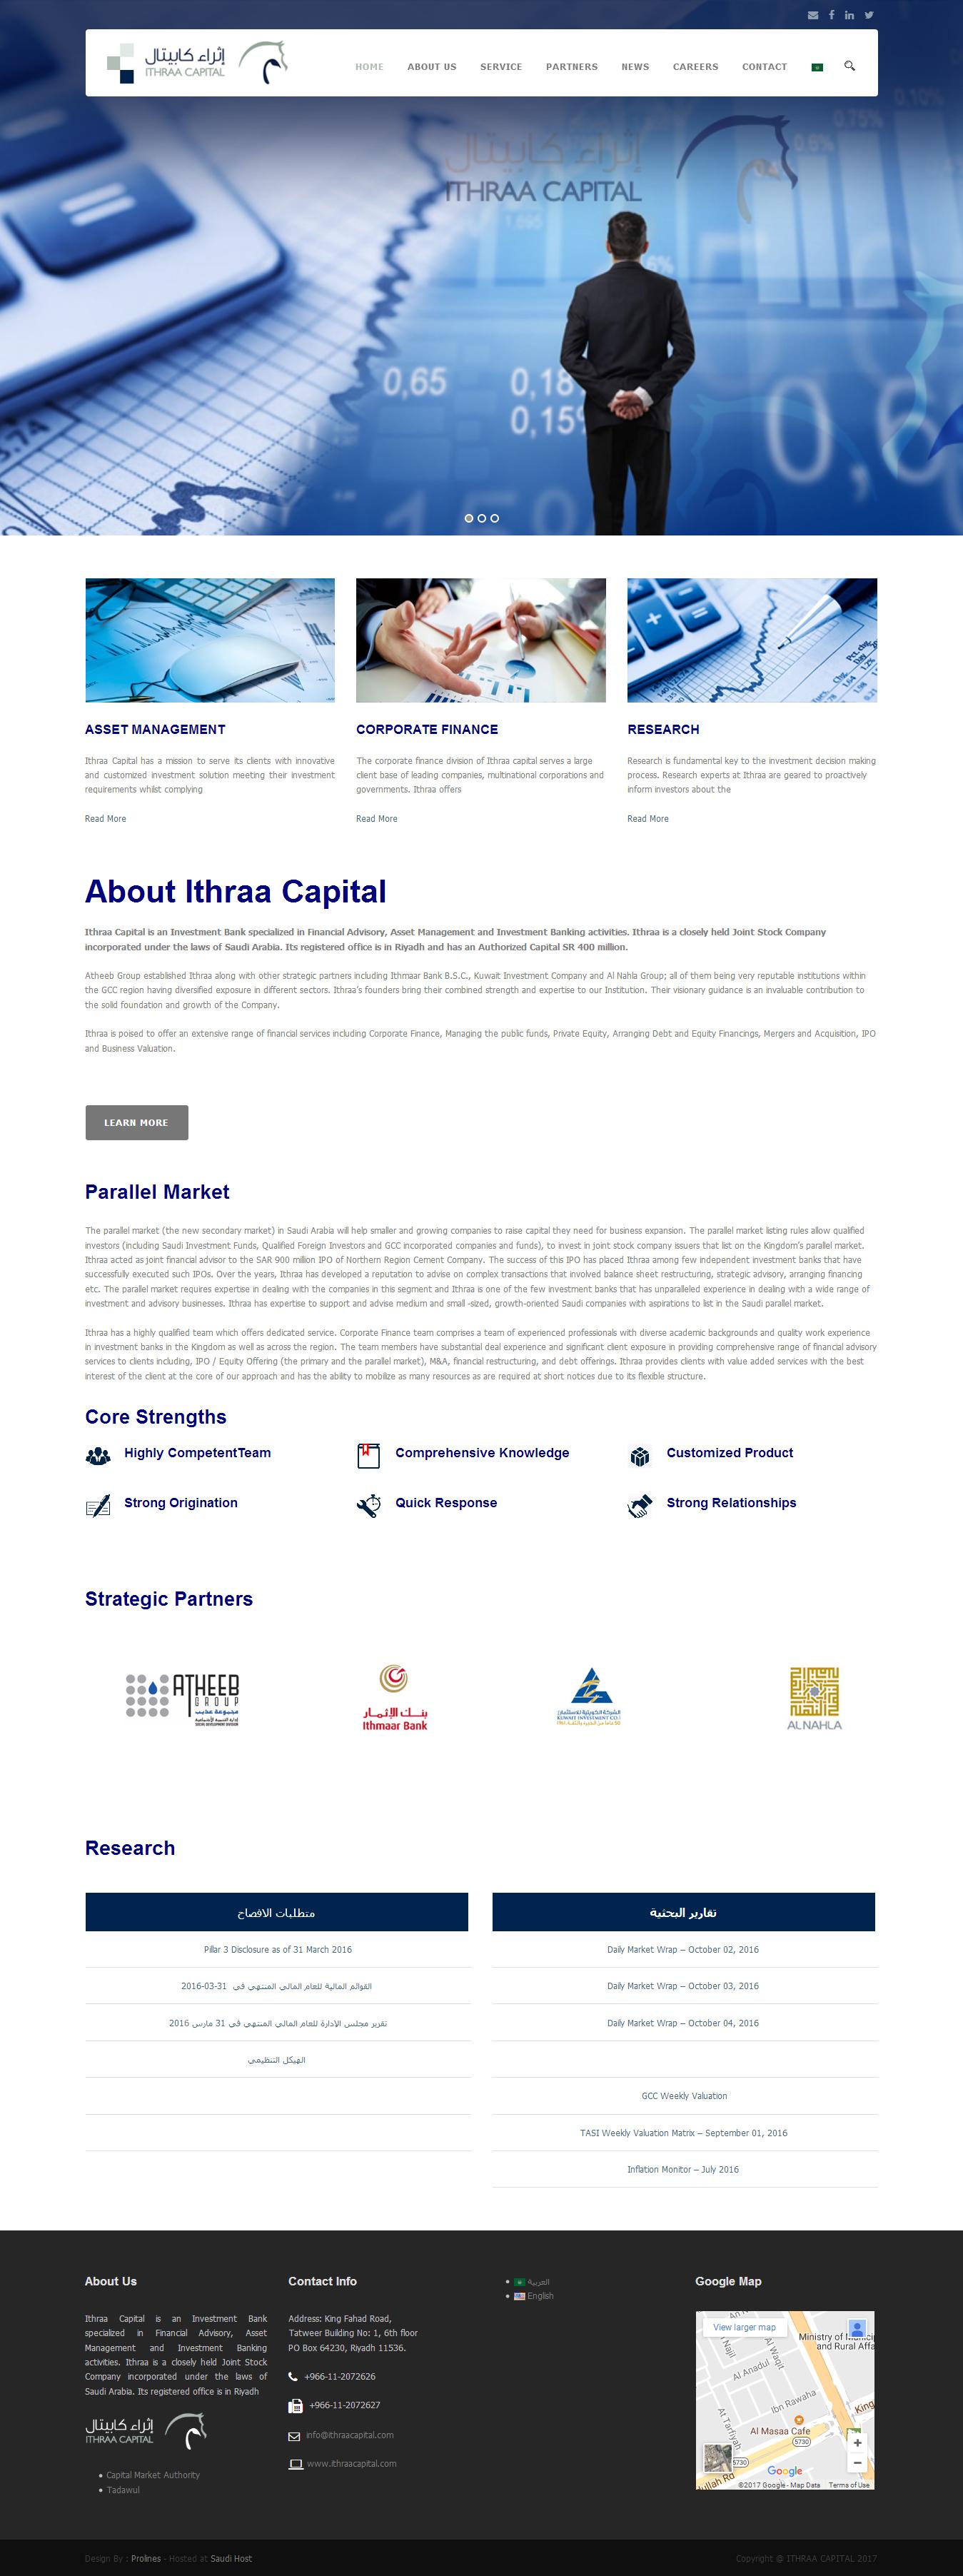 Ithraa Capital